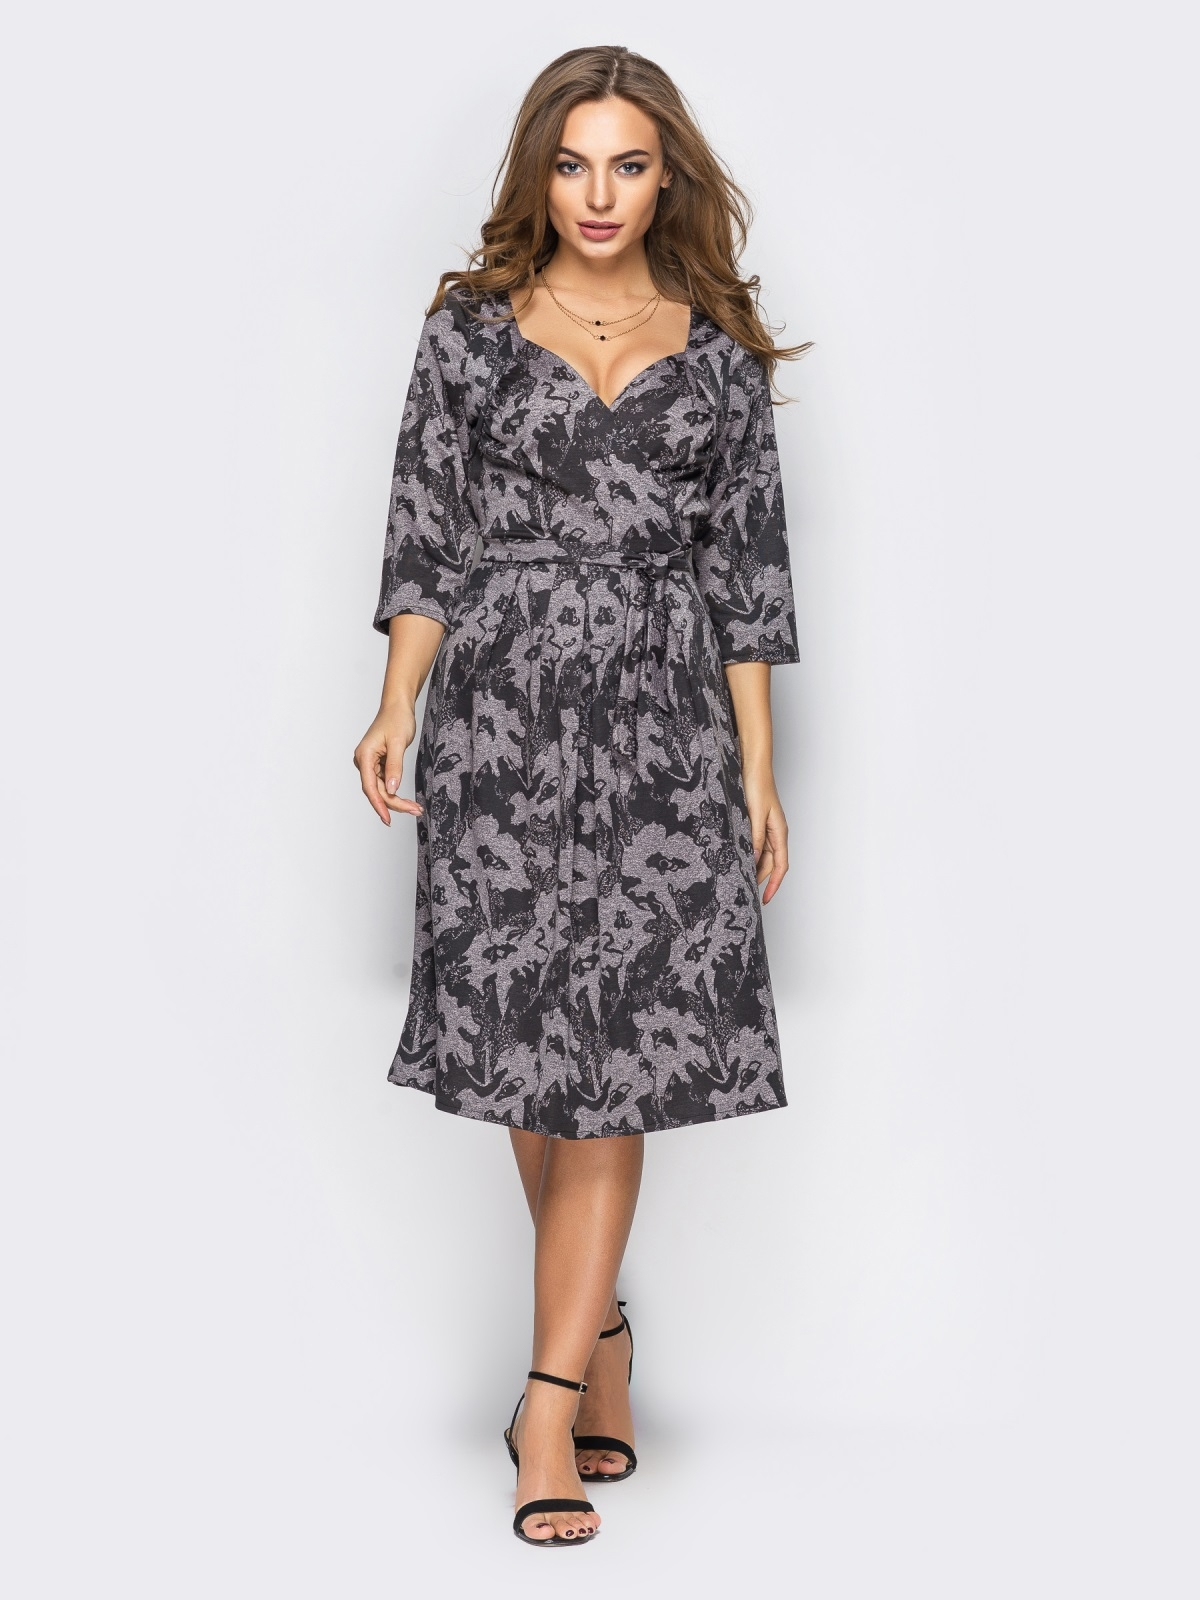 Бежевое платье на запах с принтом 13663, фото 1